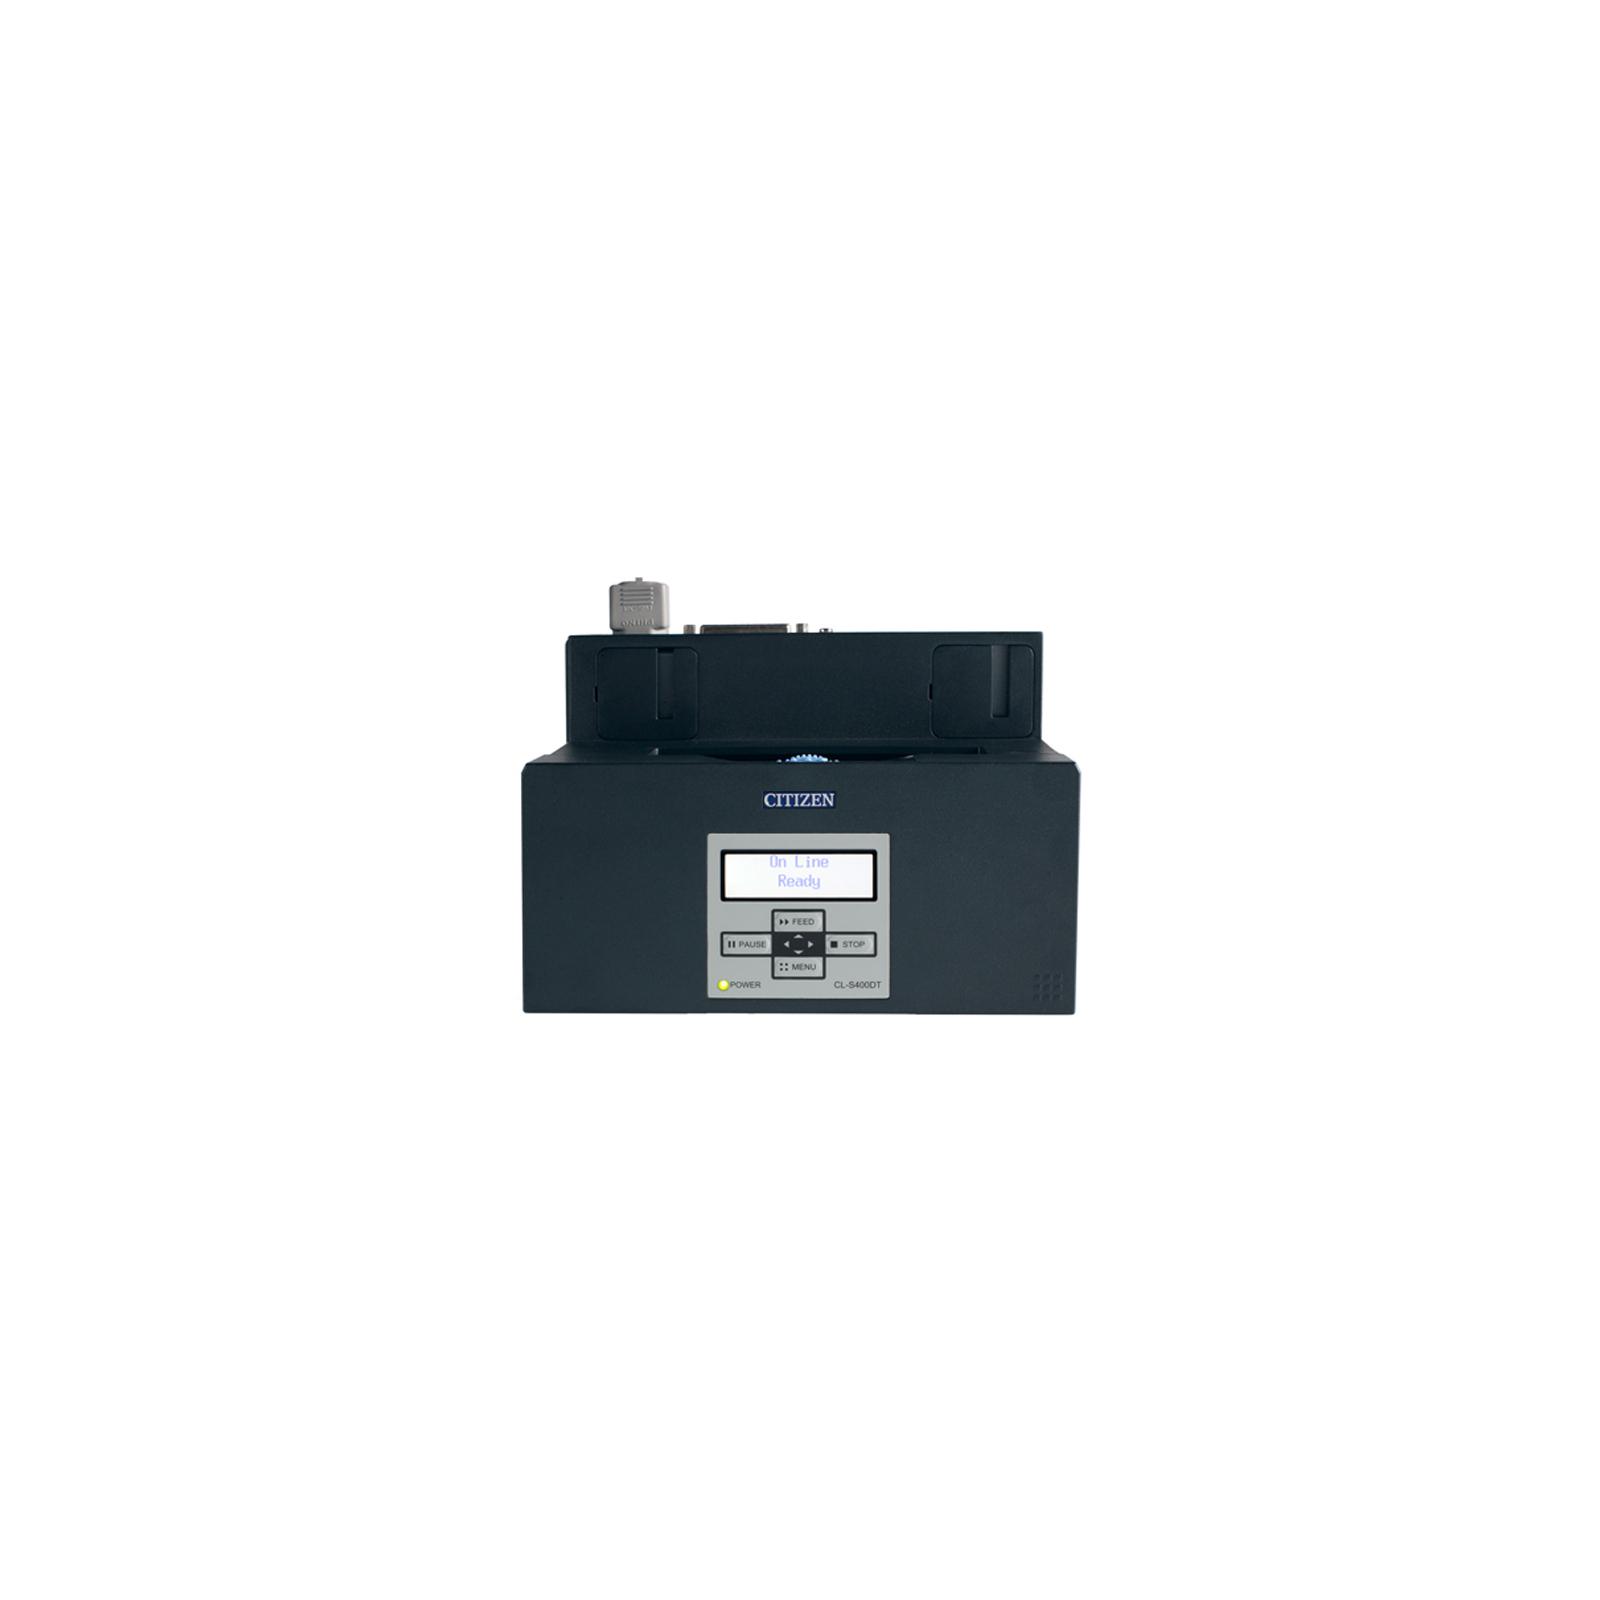 Принтер этикеток Citizen CL-S400DT (1000835) изображение 2